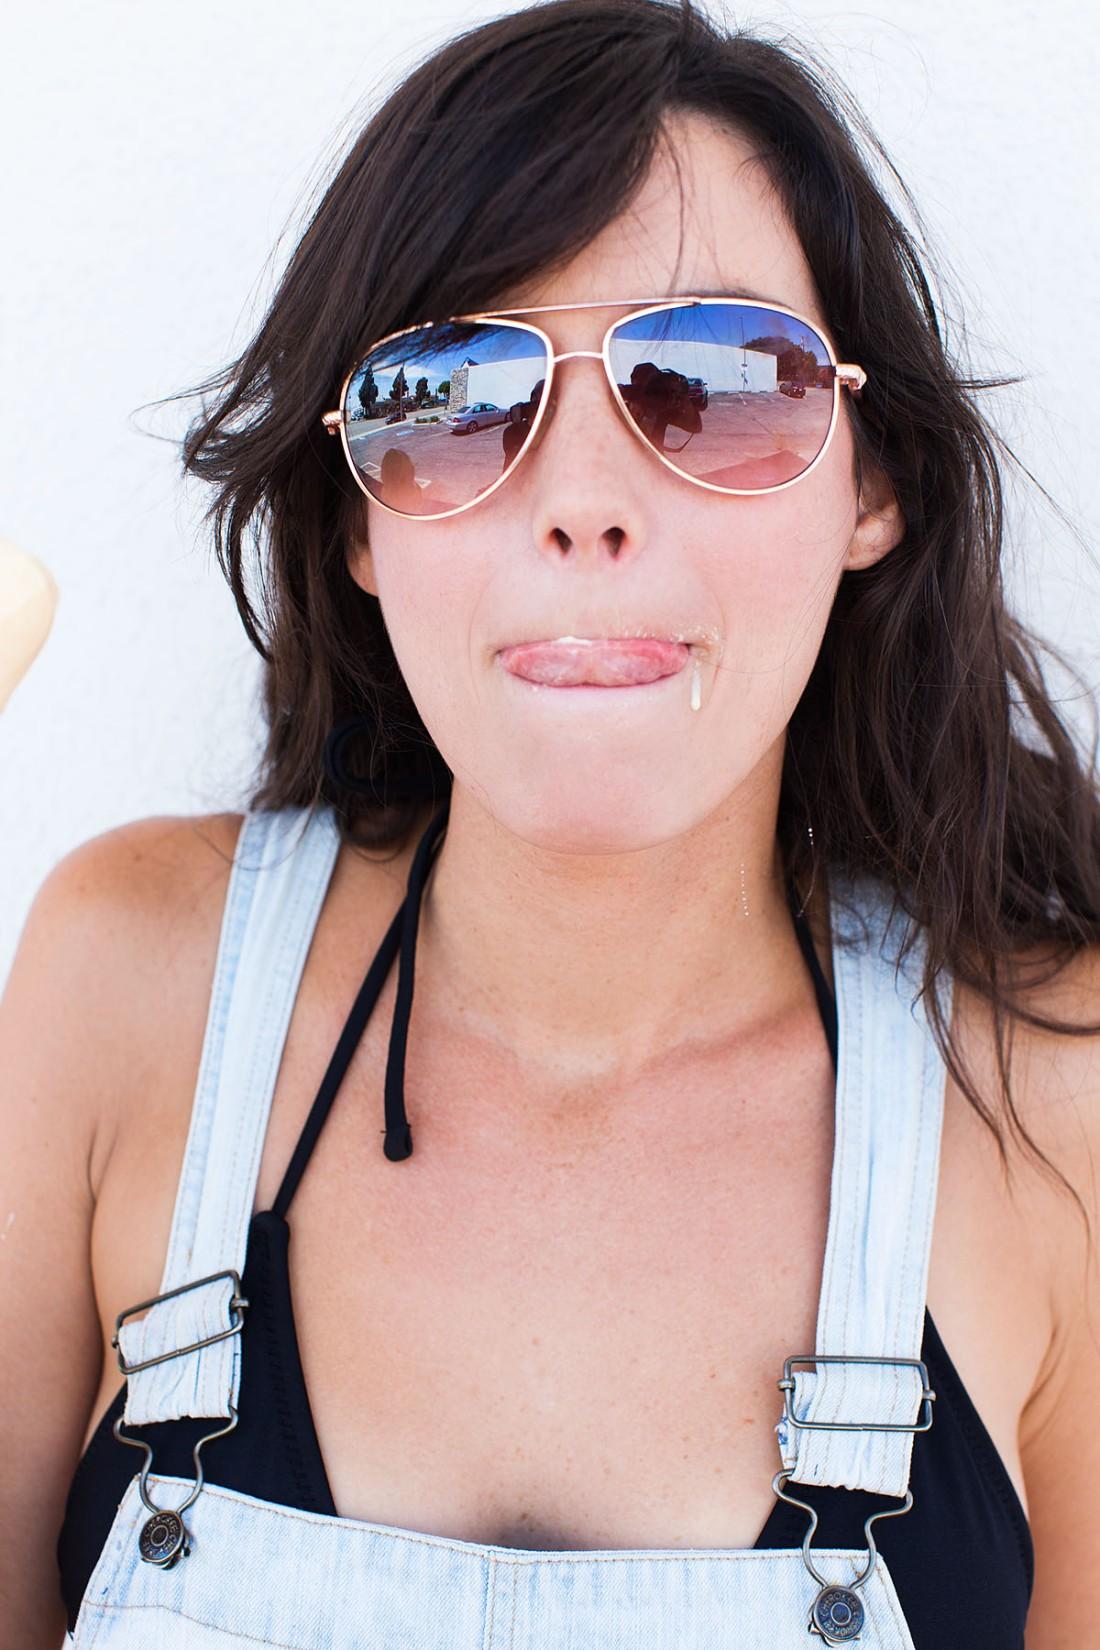 Amber Cruse photo: Chuck Espinoza www.ChuckEspinoza.com 310-571-5094